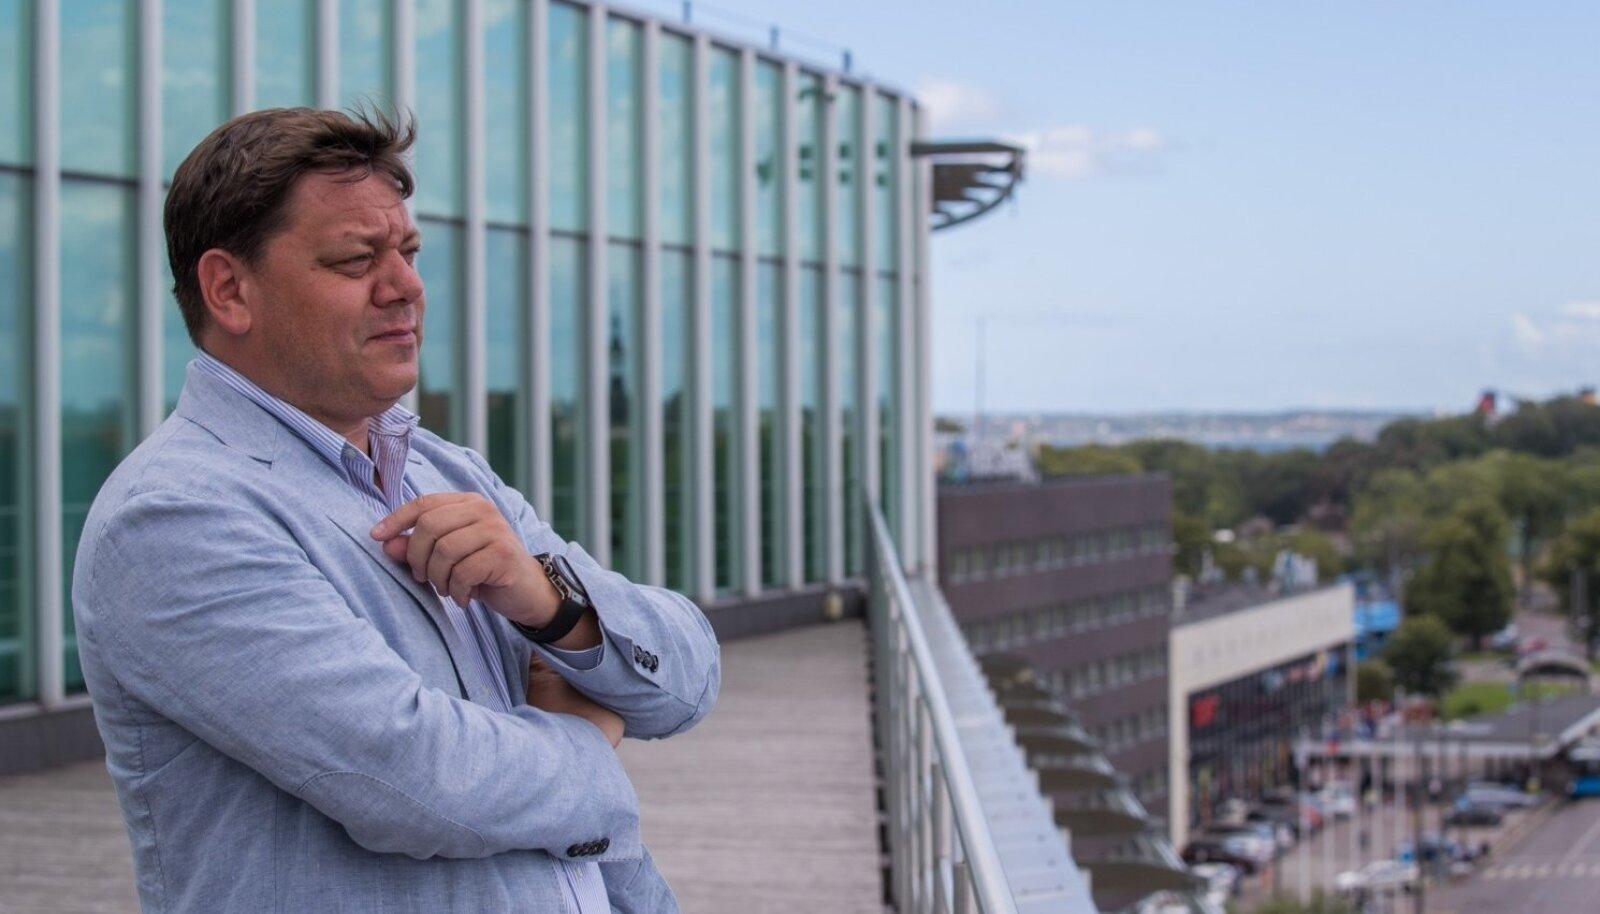 Sulev Loo nendib Eesti Raudtee peahoone katuseterrassil seistes, et iga töötaja kohta on kontoris pinda kaks korda rohkem kui vaja. Tuleb kas ära kolida või kontor ümber ehitada.